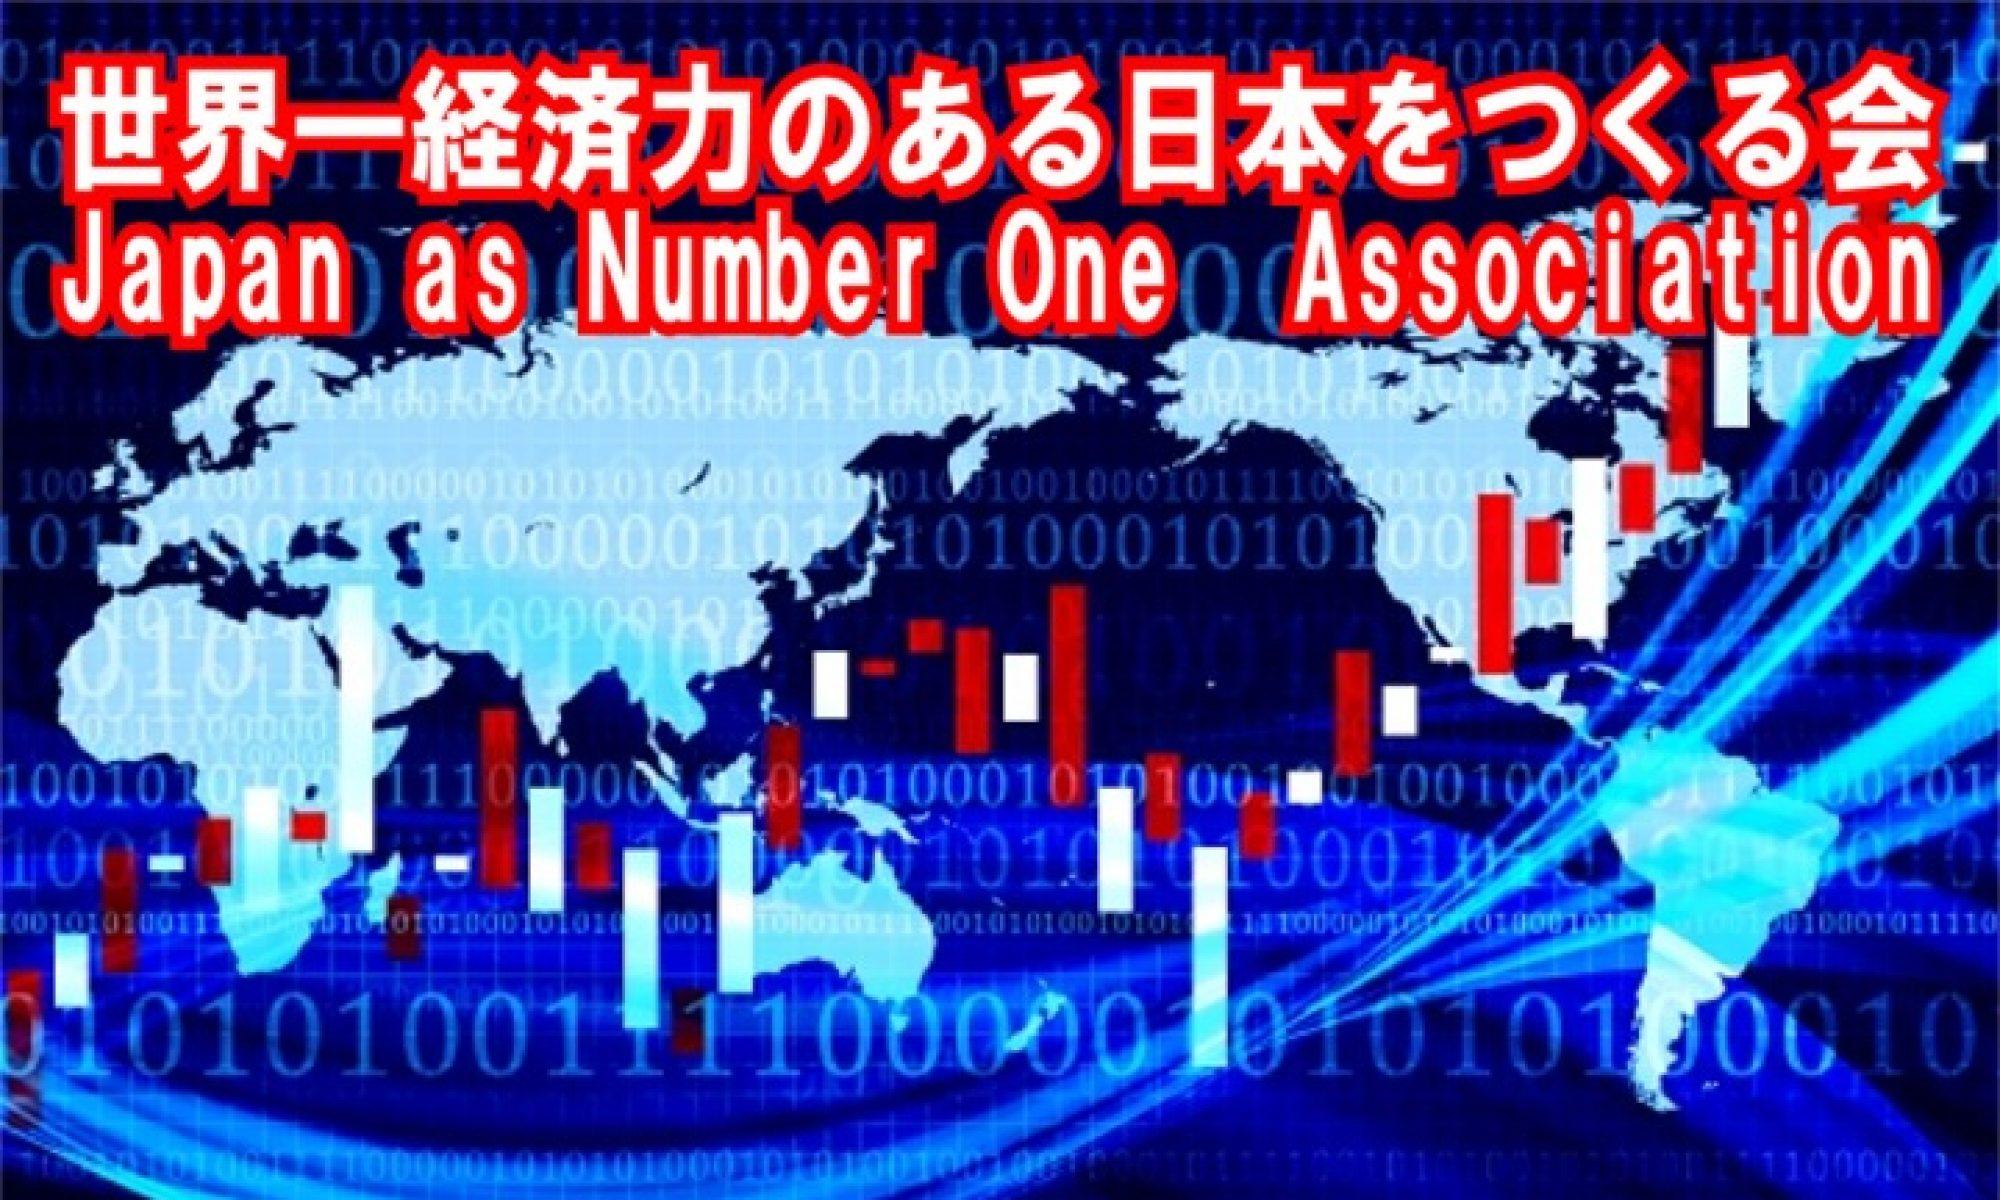 世界一経済力のある日本をつくる会